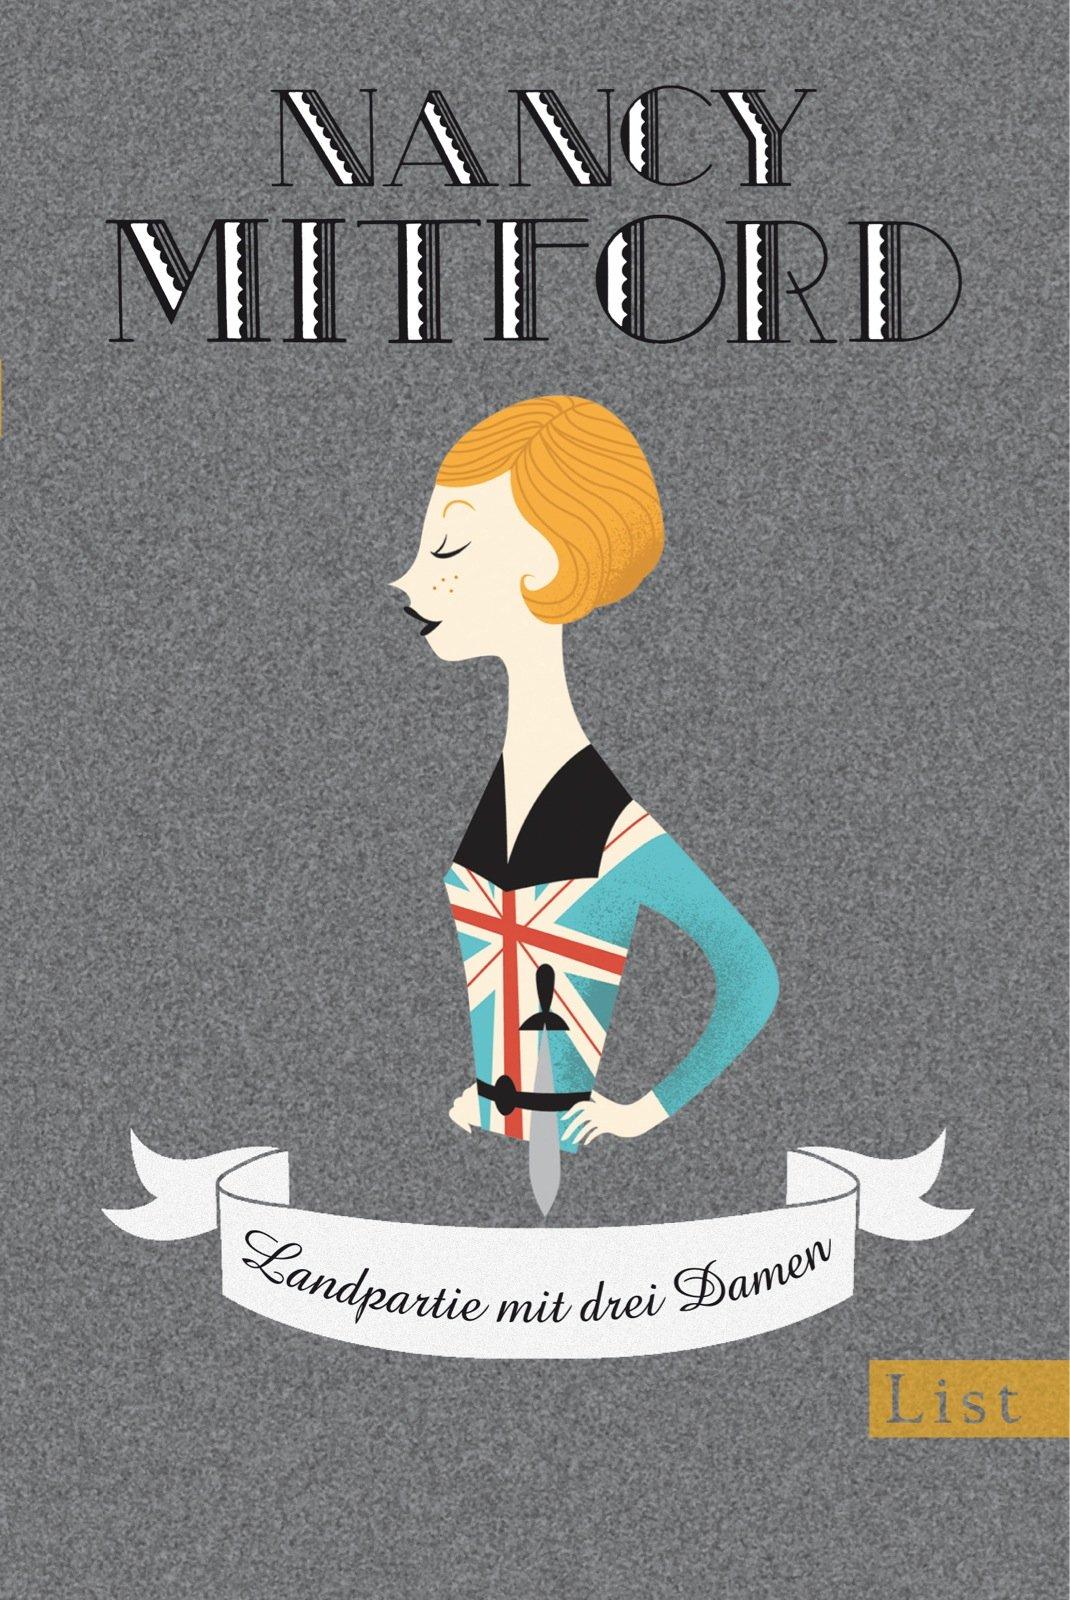 Landpartie mit drei Damen (Nancy Mitford - Meisterwerke neu aufgelegt, Band 1)